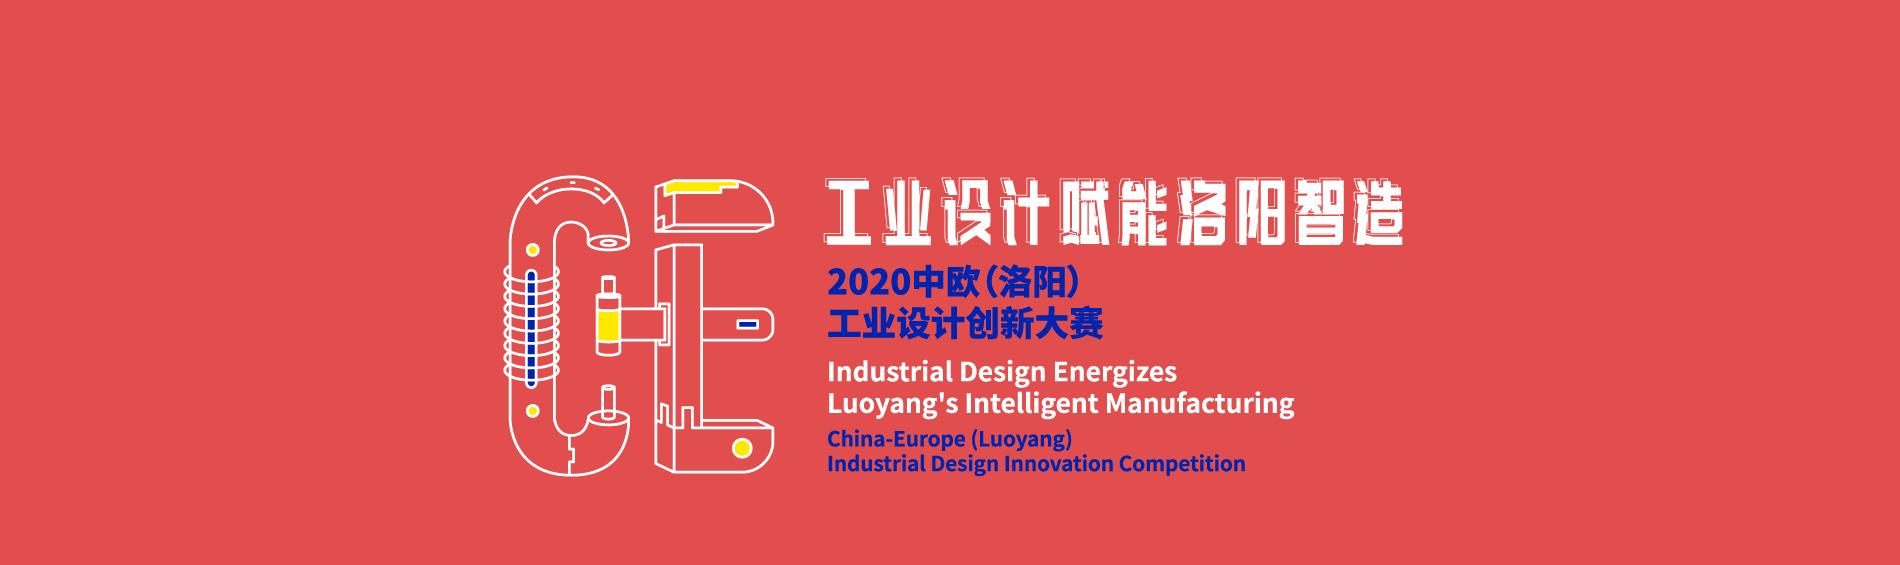 中欧(洛阳)工业设计创新大赛